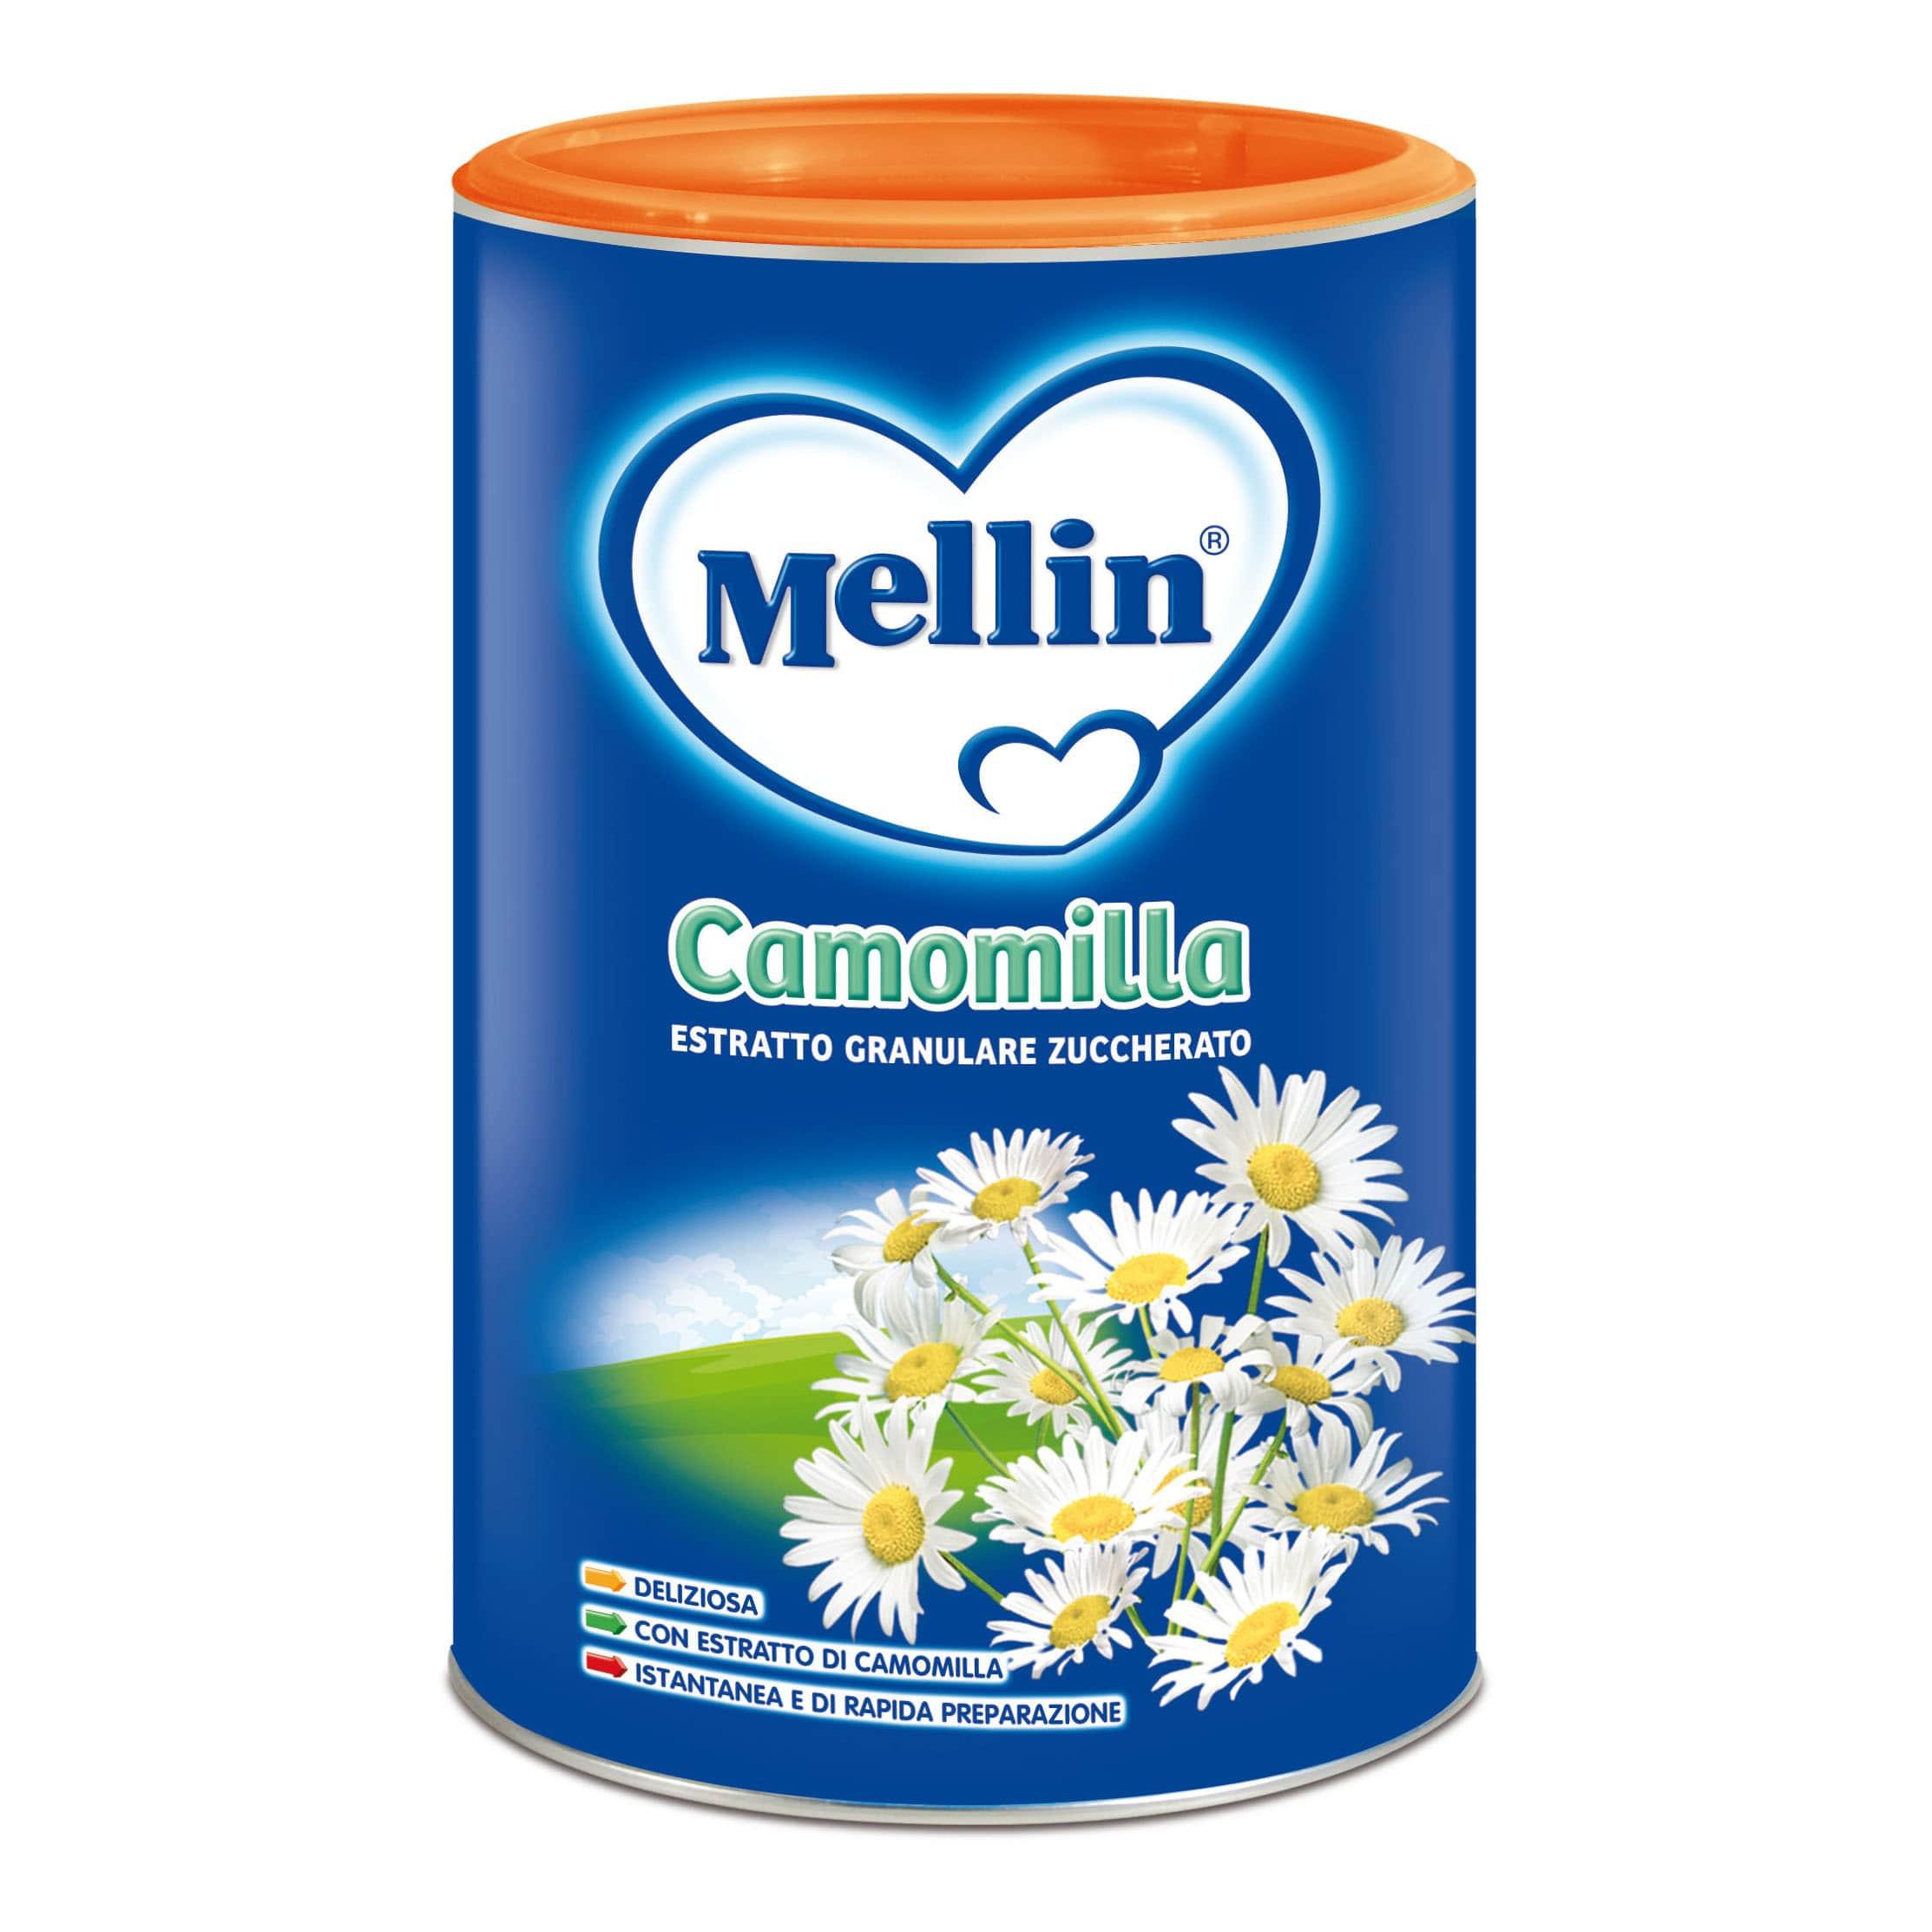 Camomilla Granulare Mellin - 350 g